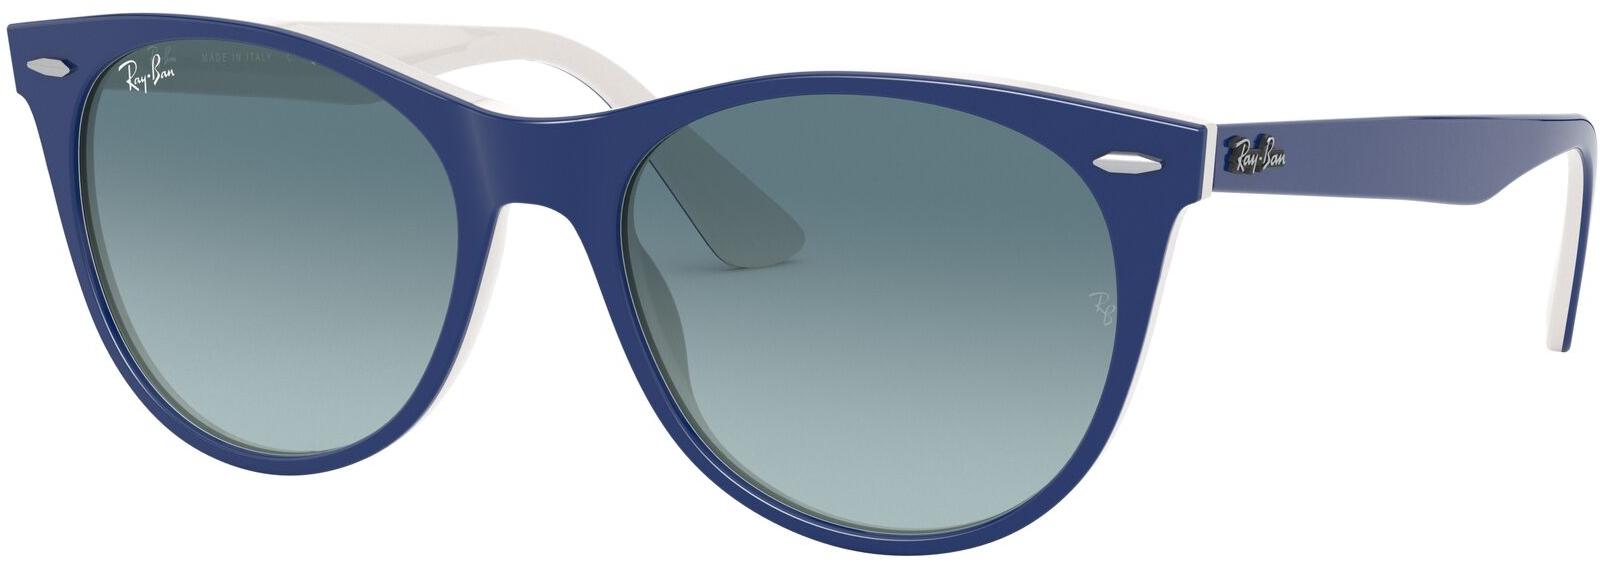 De ray ban wayfarer ii rb2185 12993m 52 is een stijlvolle zonnebril, gemaakt van kunststof en uitgevoerd in ...